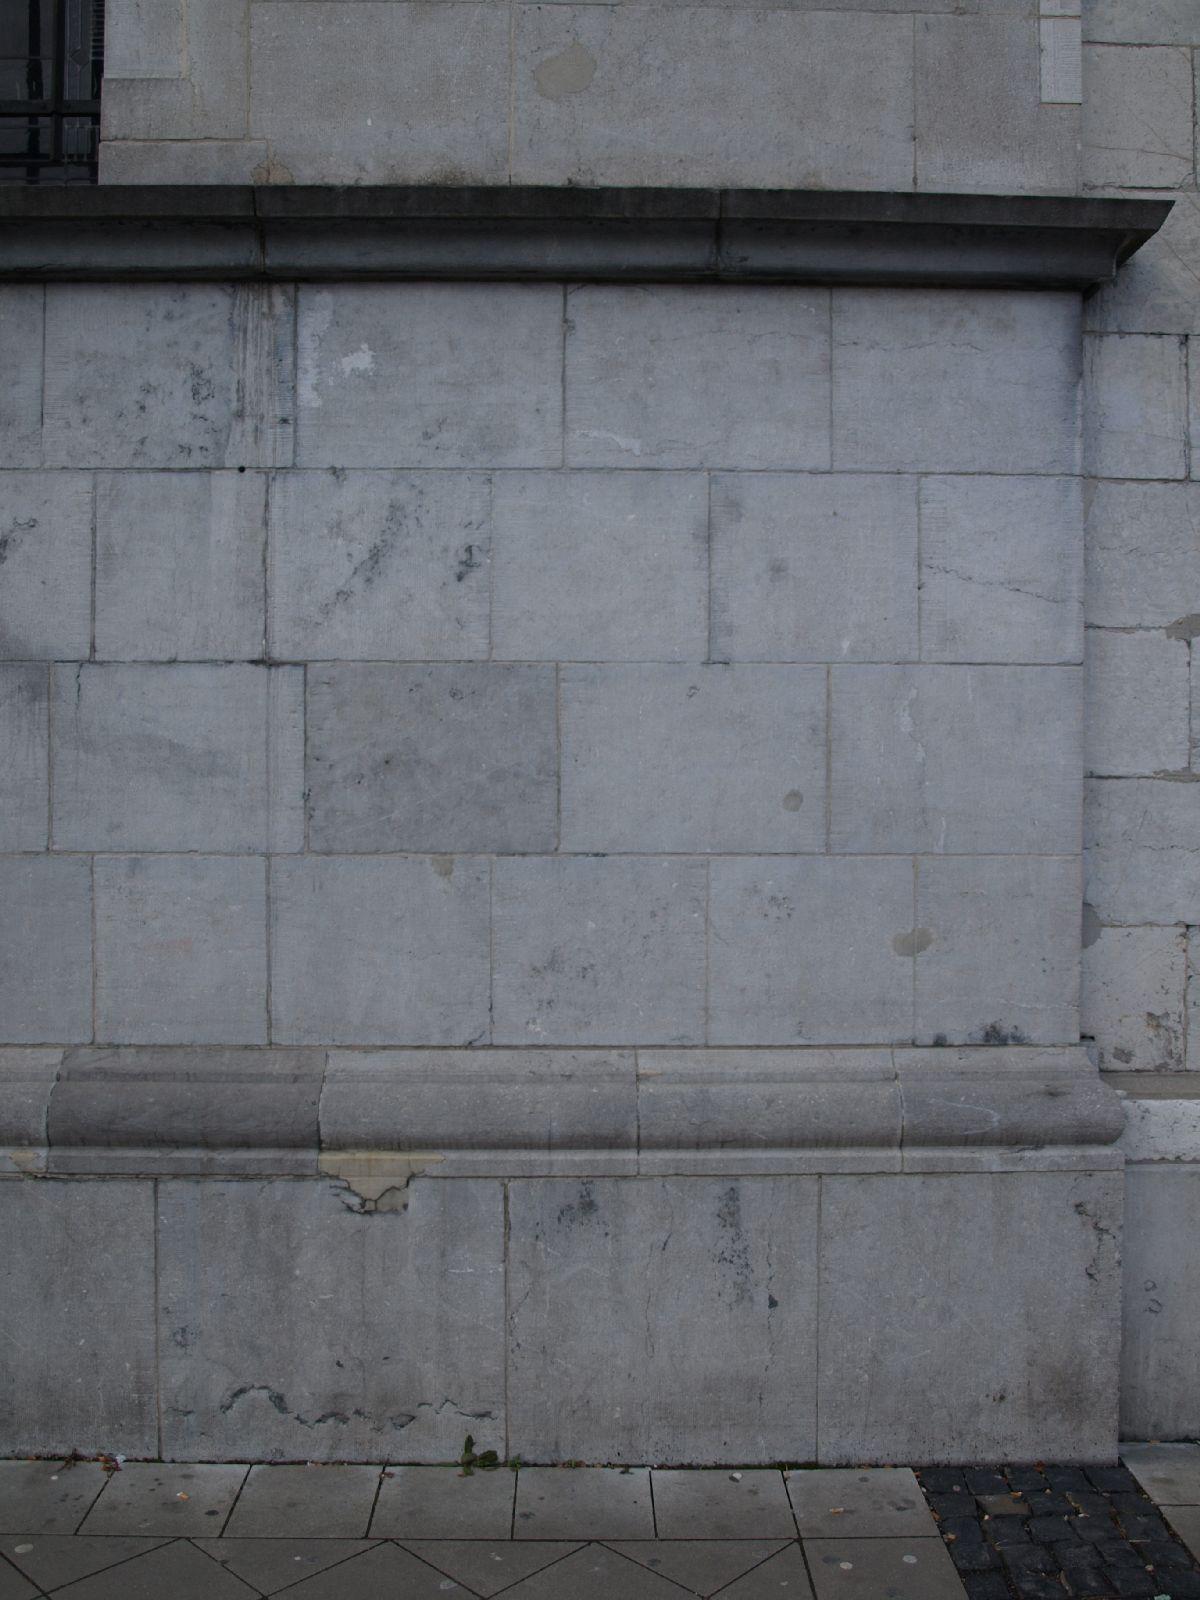 Brick_Texture_A_P1249877